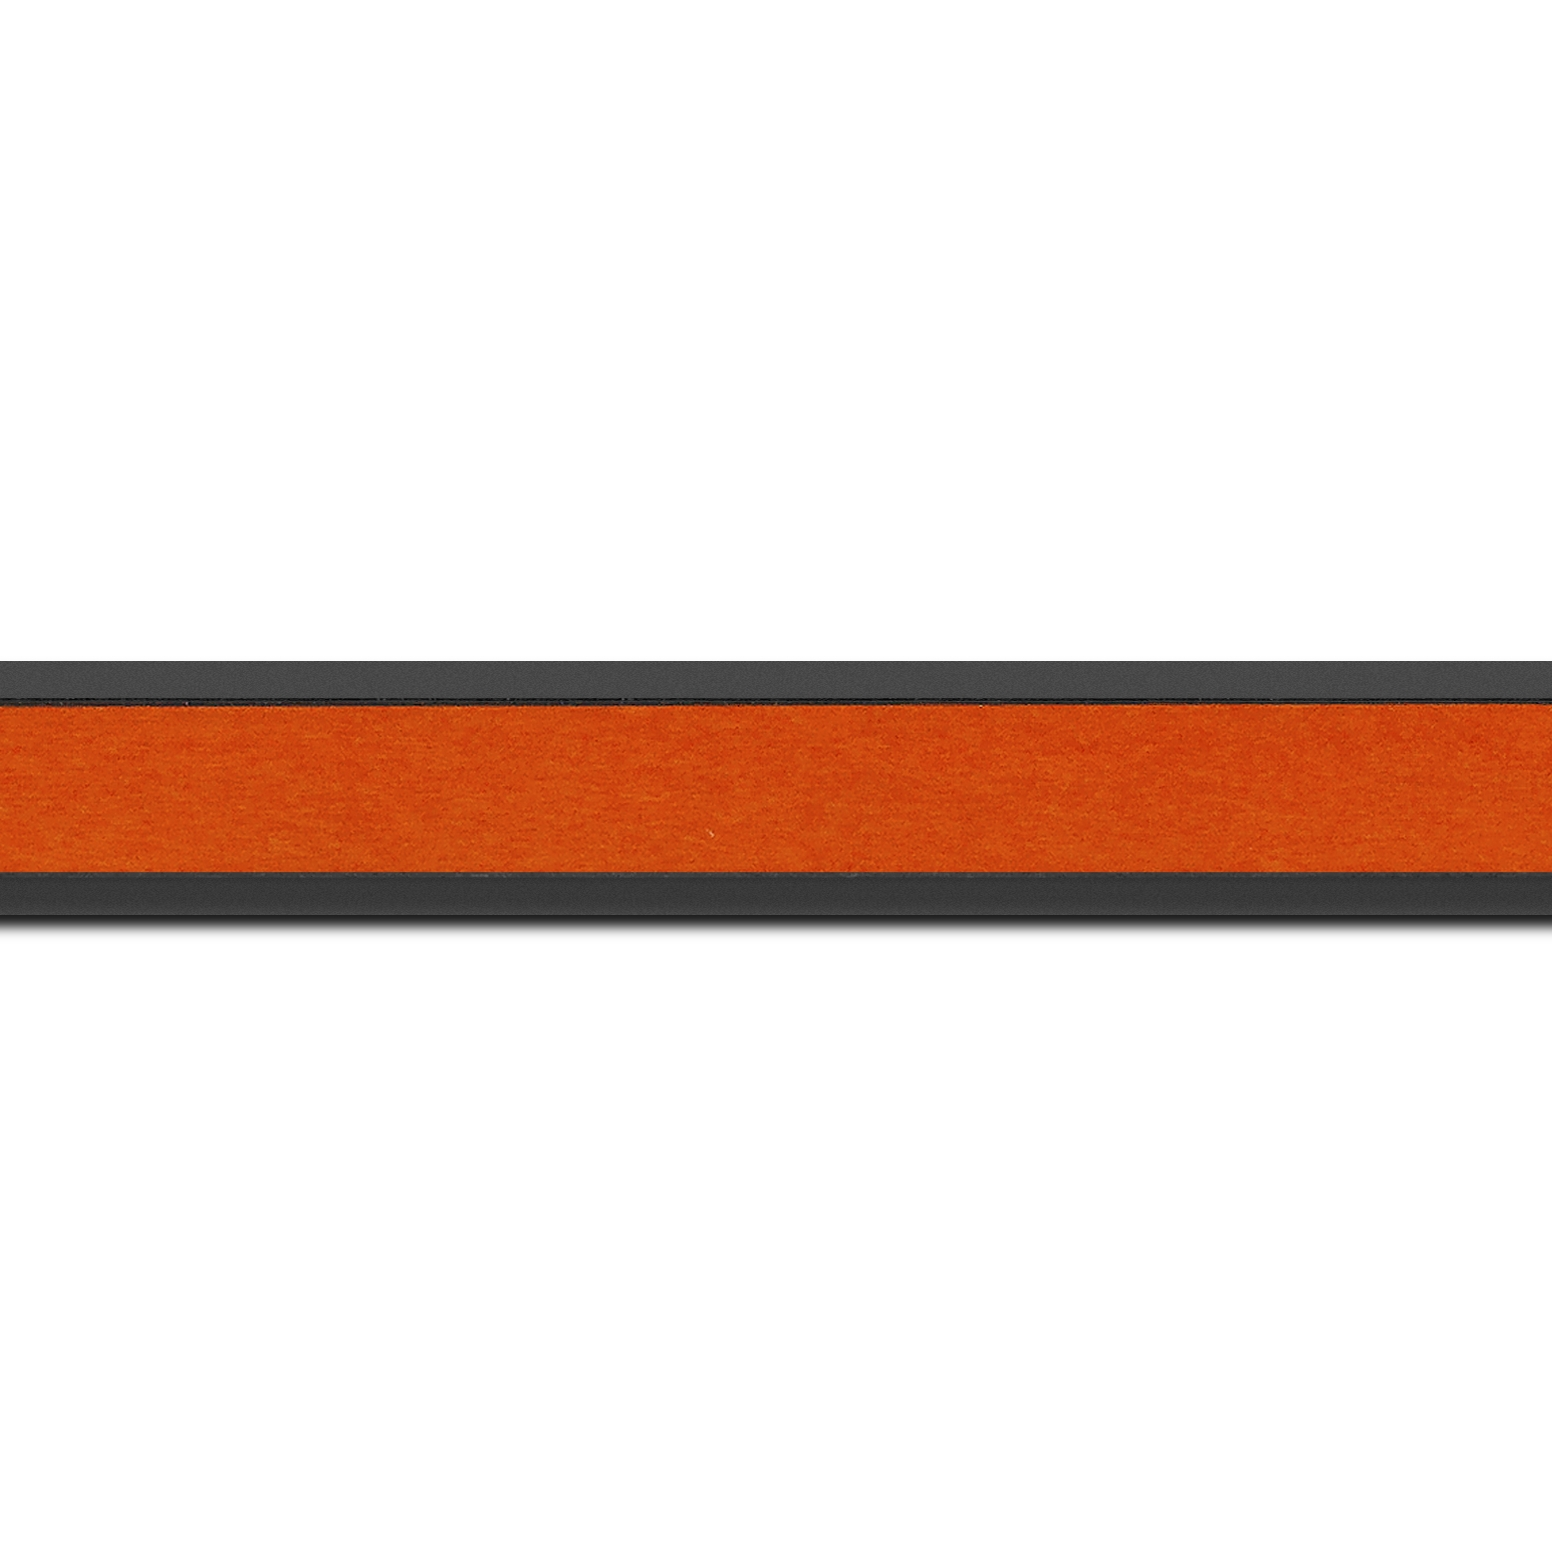 Pack par 12m, bois essence marupa profil plat largeur 2.5cm plaquage érable teinté orange,  filet intérieur et extérieur gris foncé (longueur baguette pouvant varier entre 2.40m et 3m selon arrivage des bois)